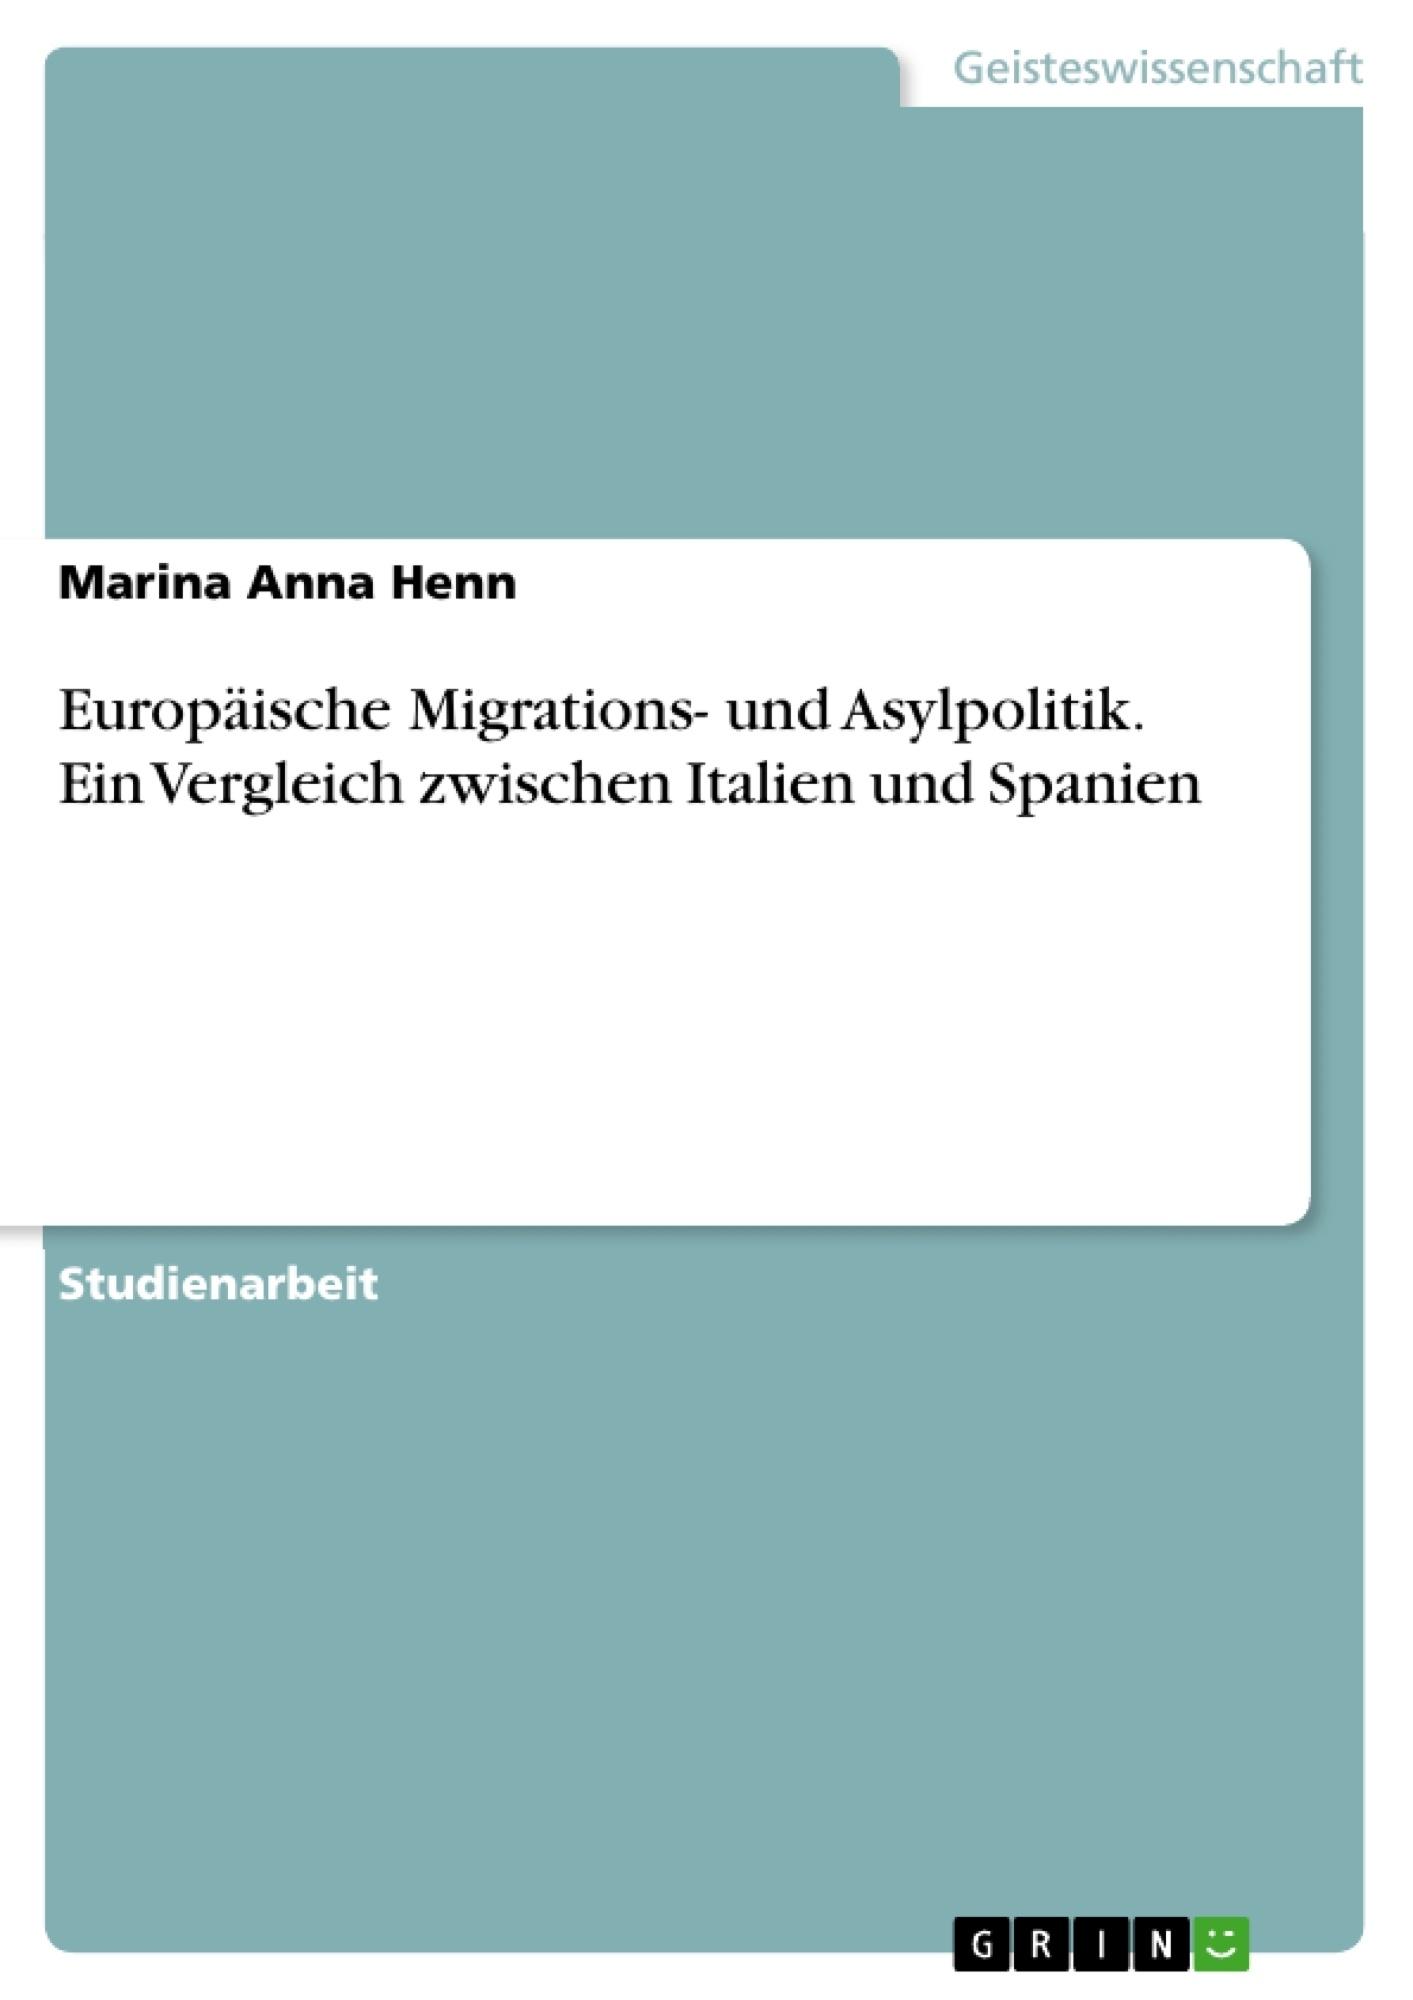 Titel: Europäische Migrations- und Asylpolitik. Ein Vergleich zwischen Italien und Spanien